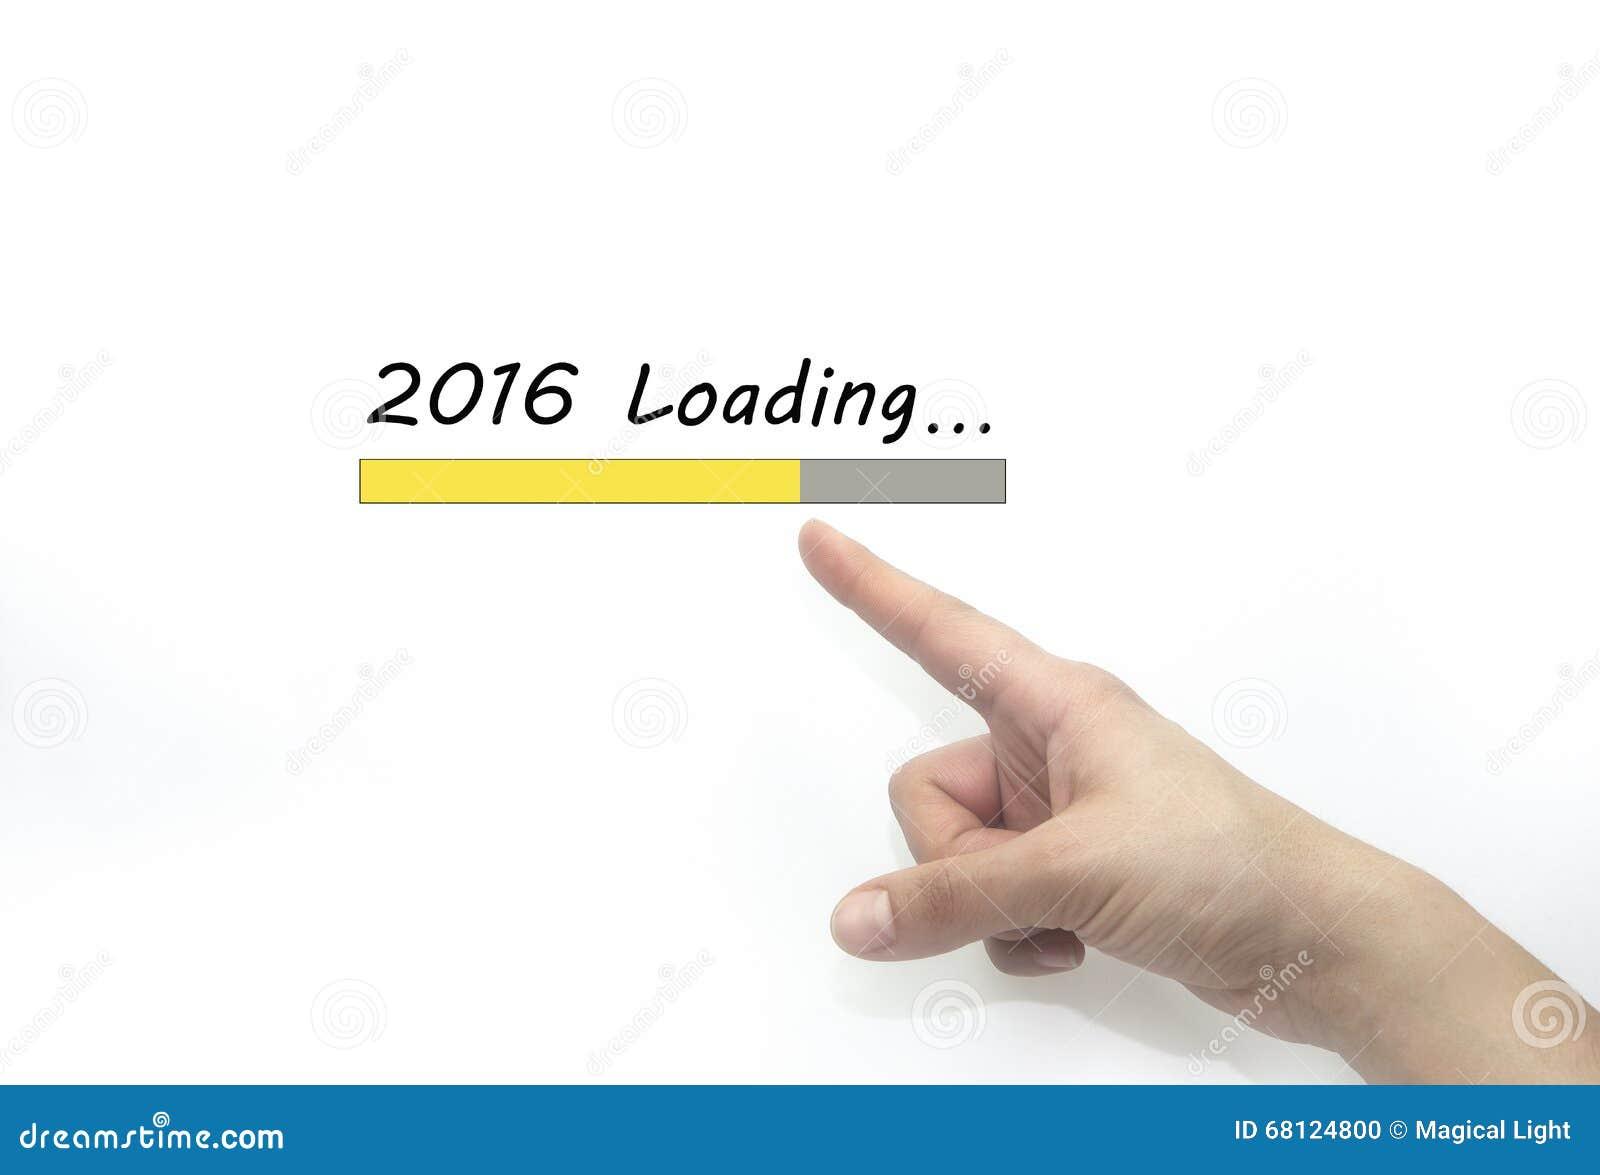 φραγμός προόδου του 2016 φορτώνοντας